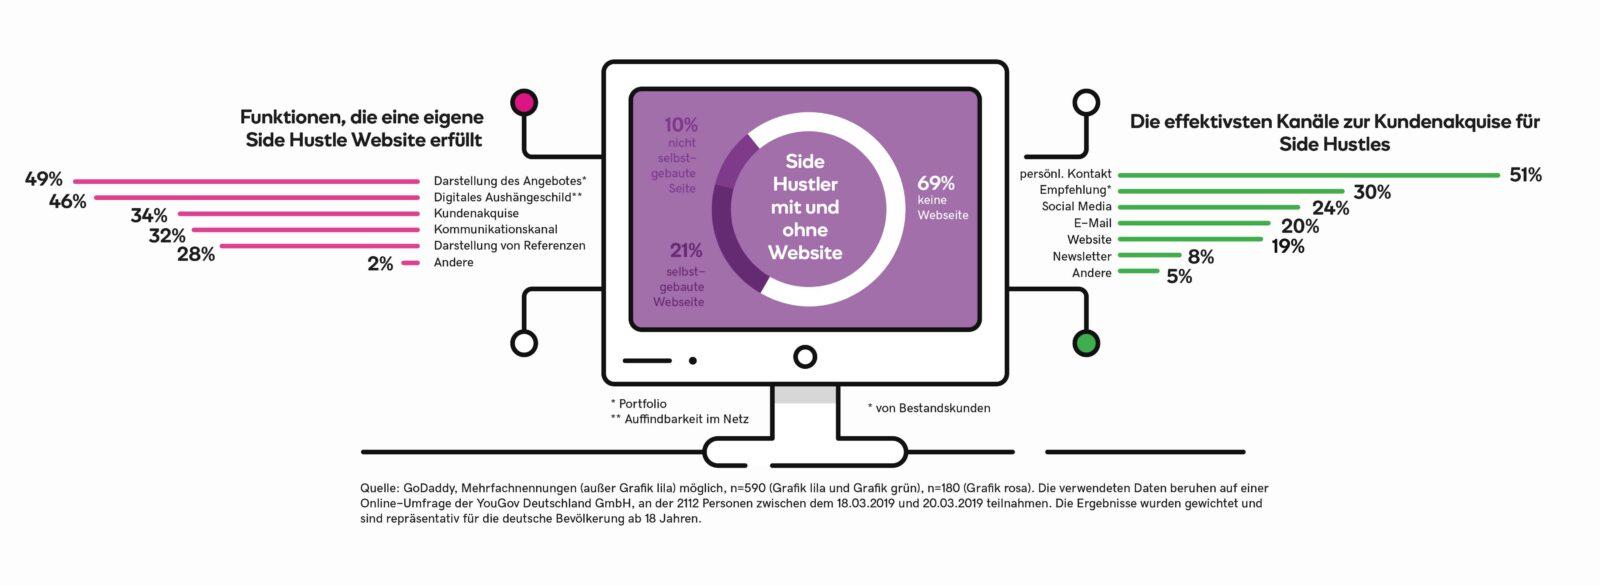 Side Hustle aber offline Nebenberuflich selbstständig ohne Website Grafik 2